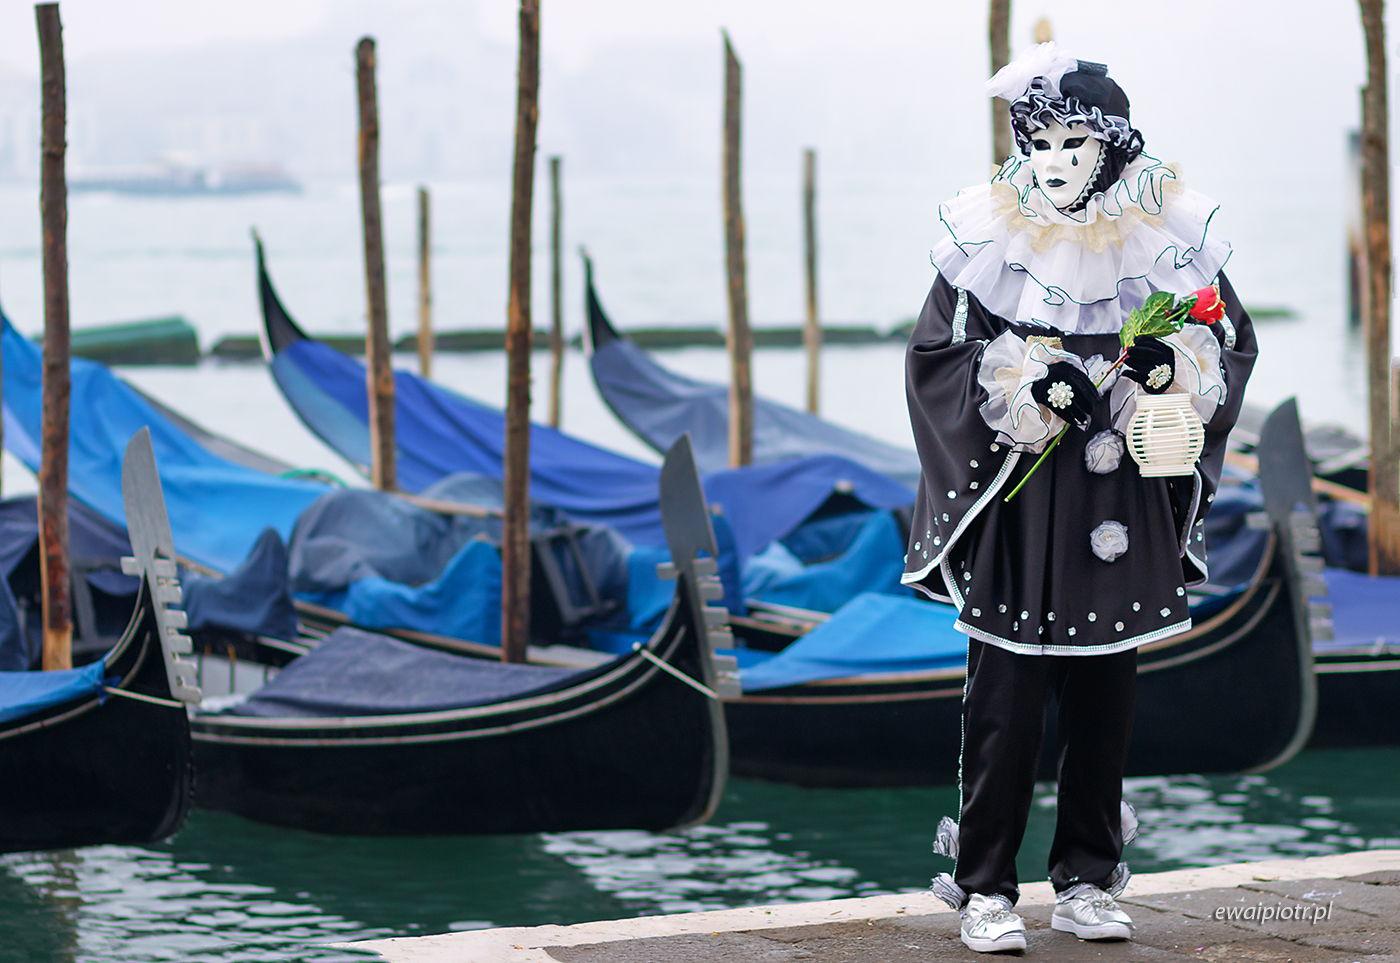 Mim i gondole, Wenecja, wyprawa fotograficzna